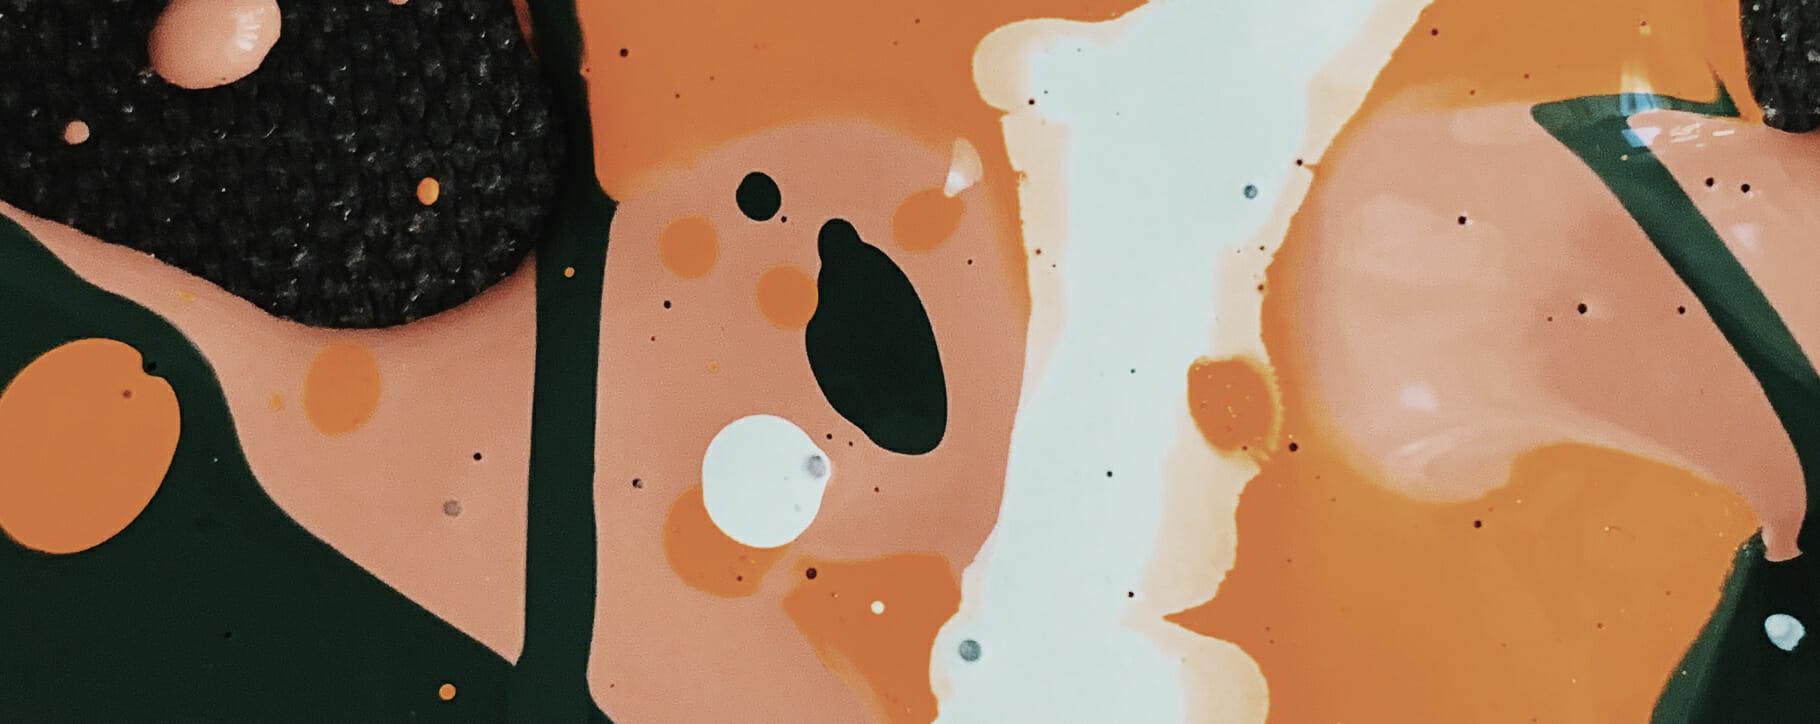 Acrylic Paint Bubbles